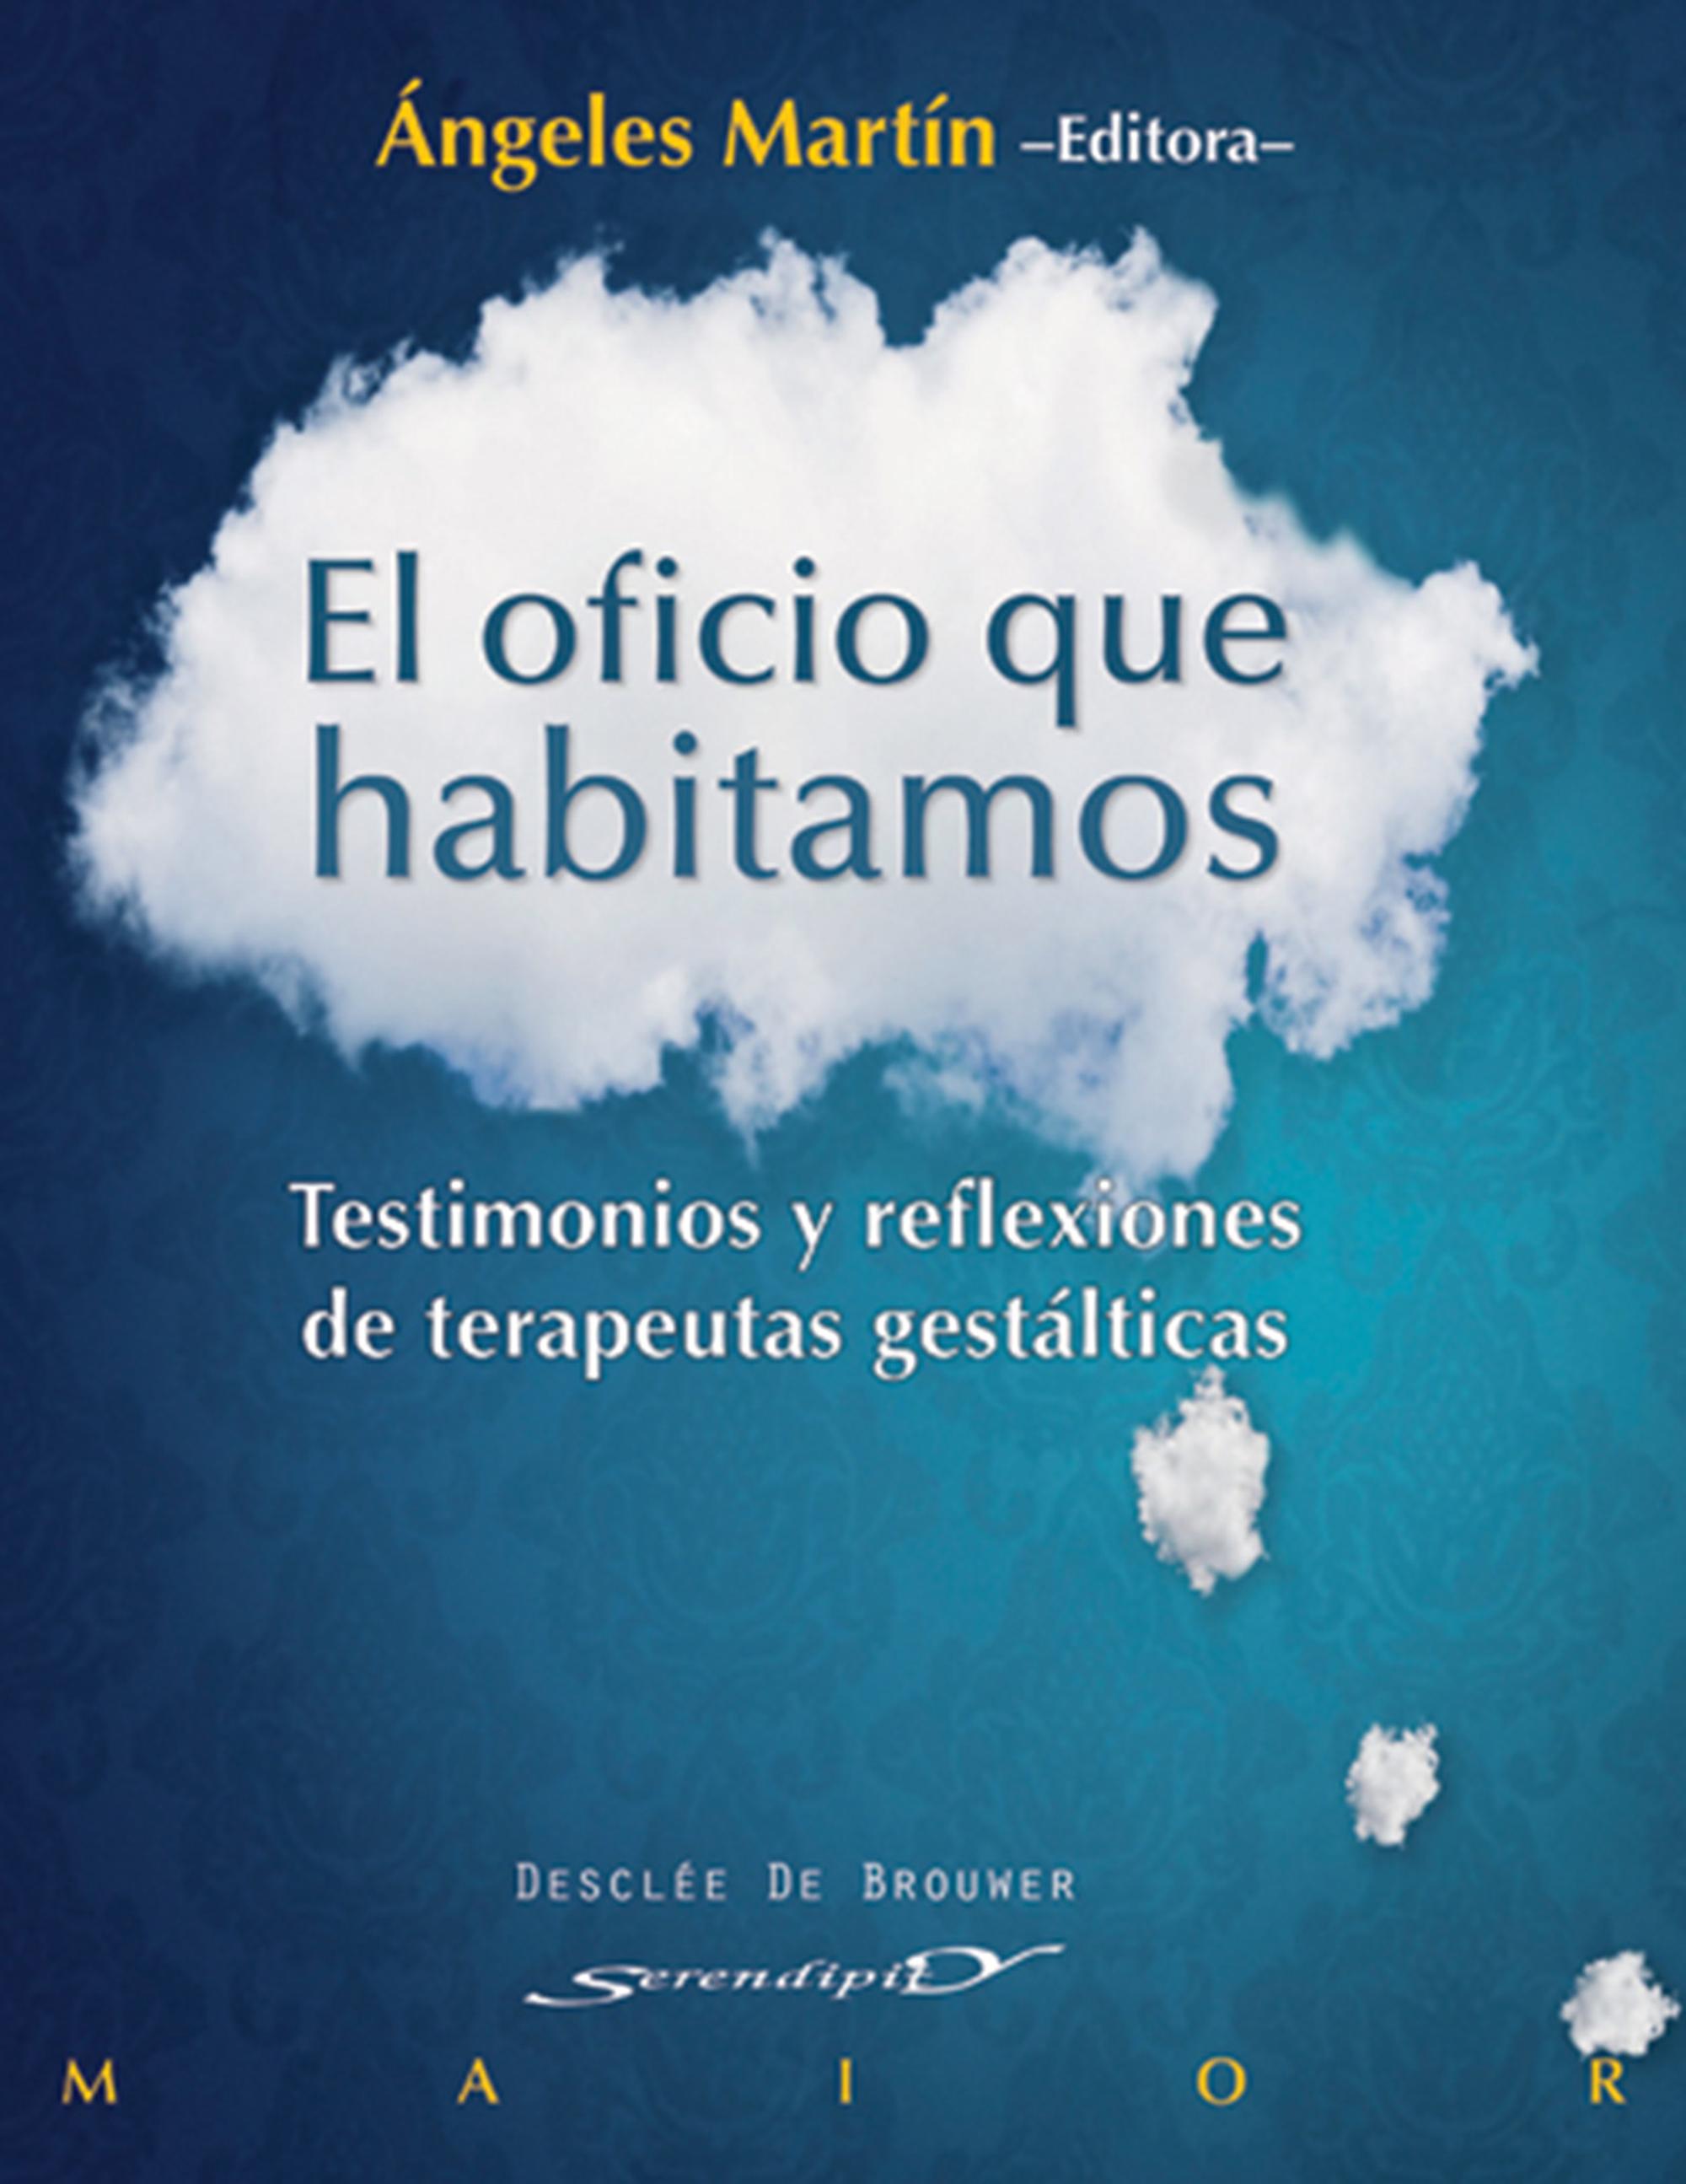 EL OFICIO QUE HABITAMOS : TESTIMONIOS Y REFLEXIONES DE TERAPEUTAS GESTÁLTICAS